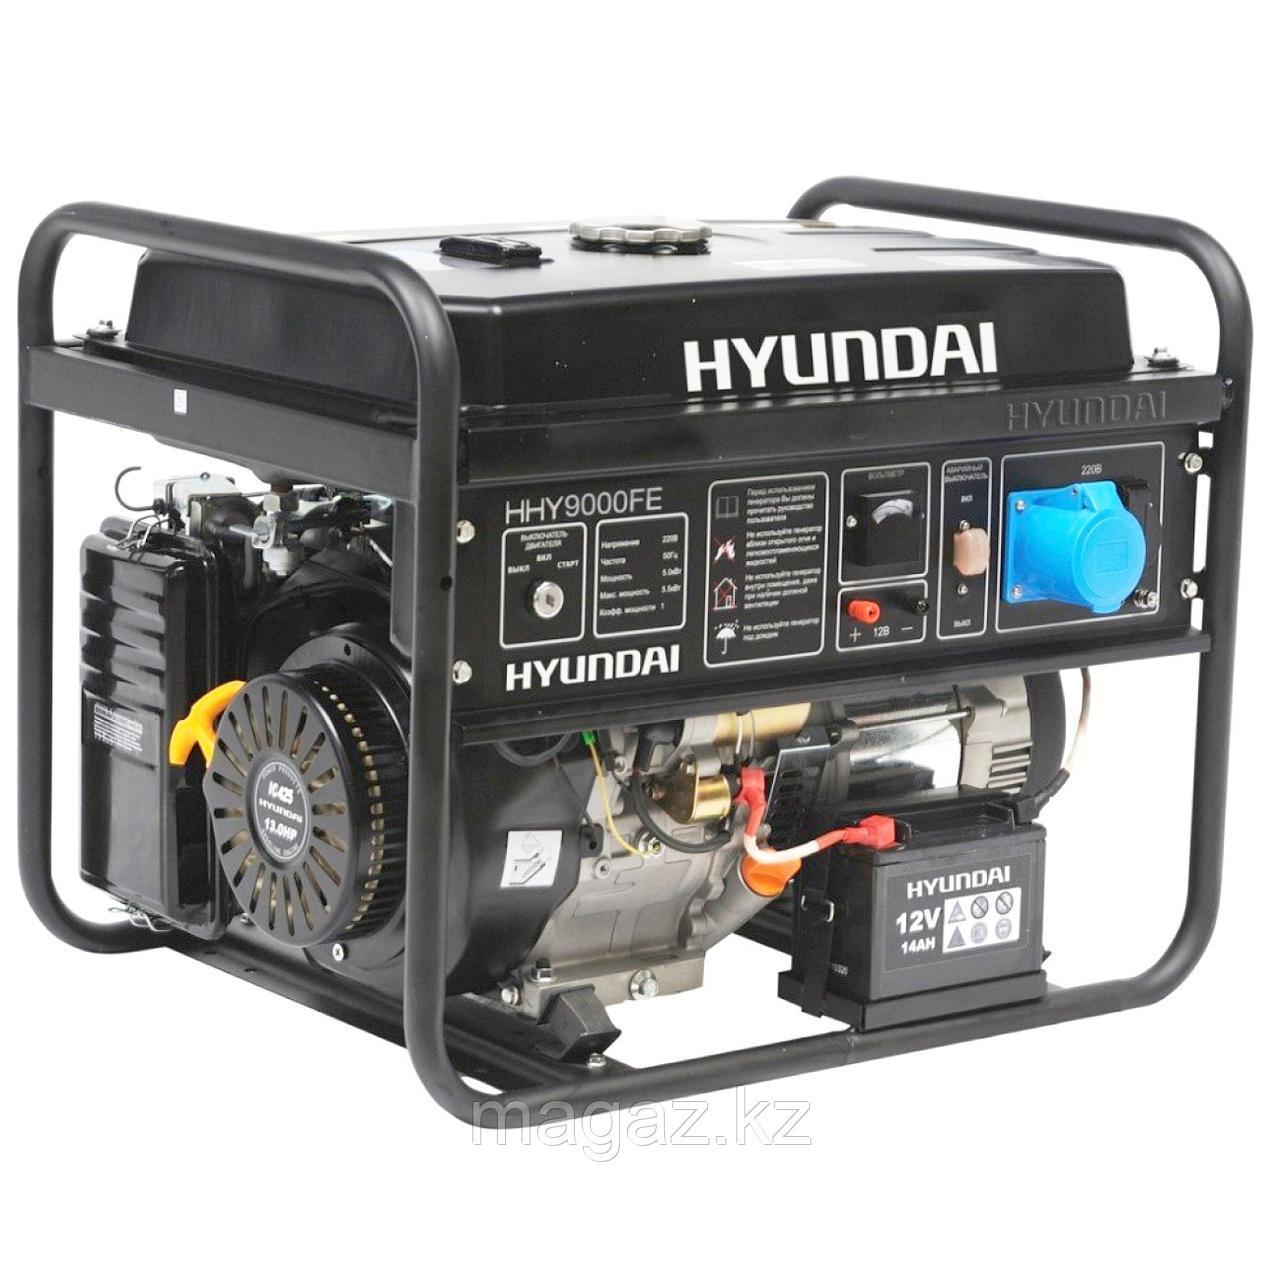 Бензиновая электростанция HHY 9000FE